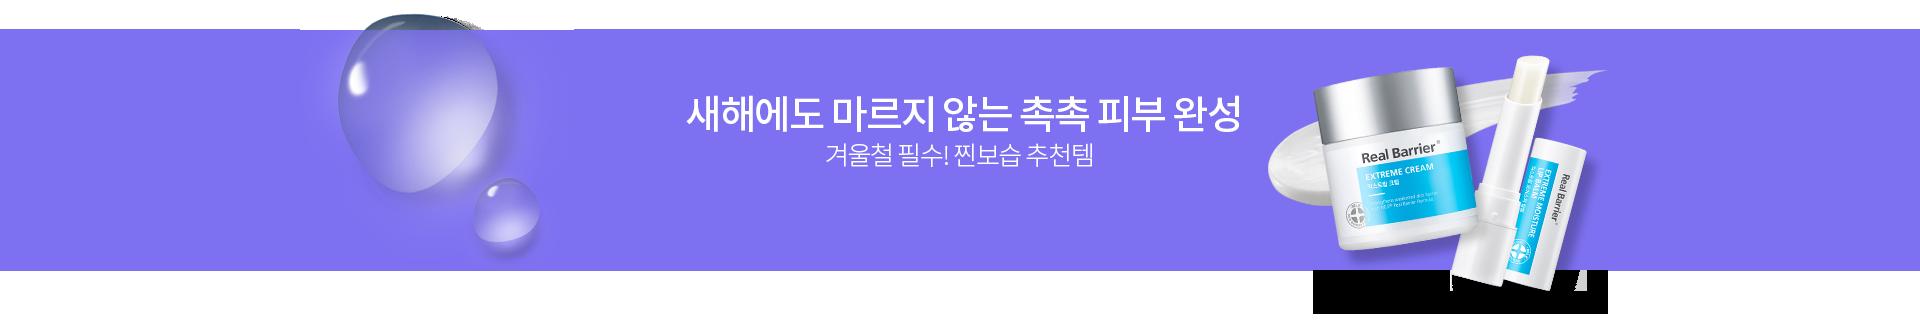 1월 3주_ 메인테마 배너